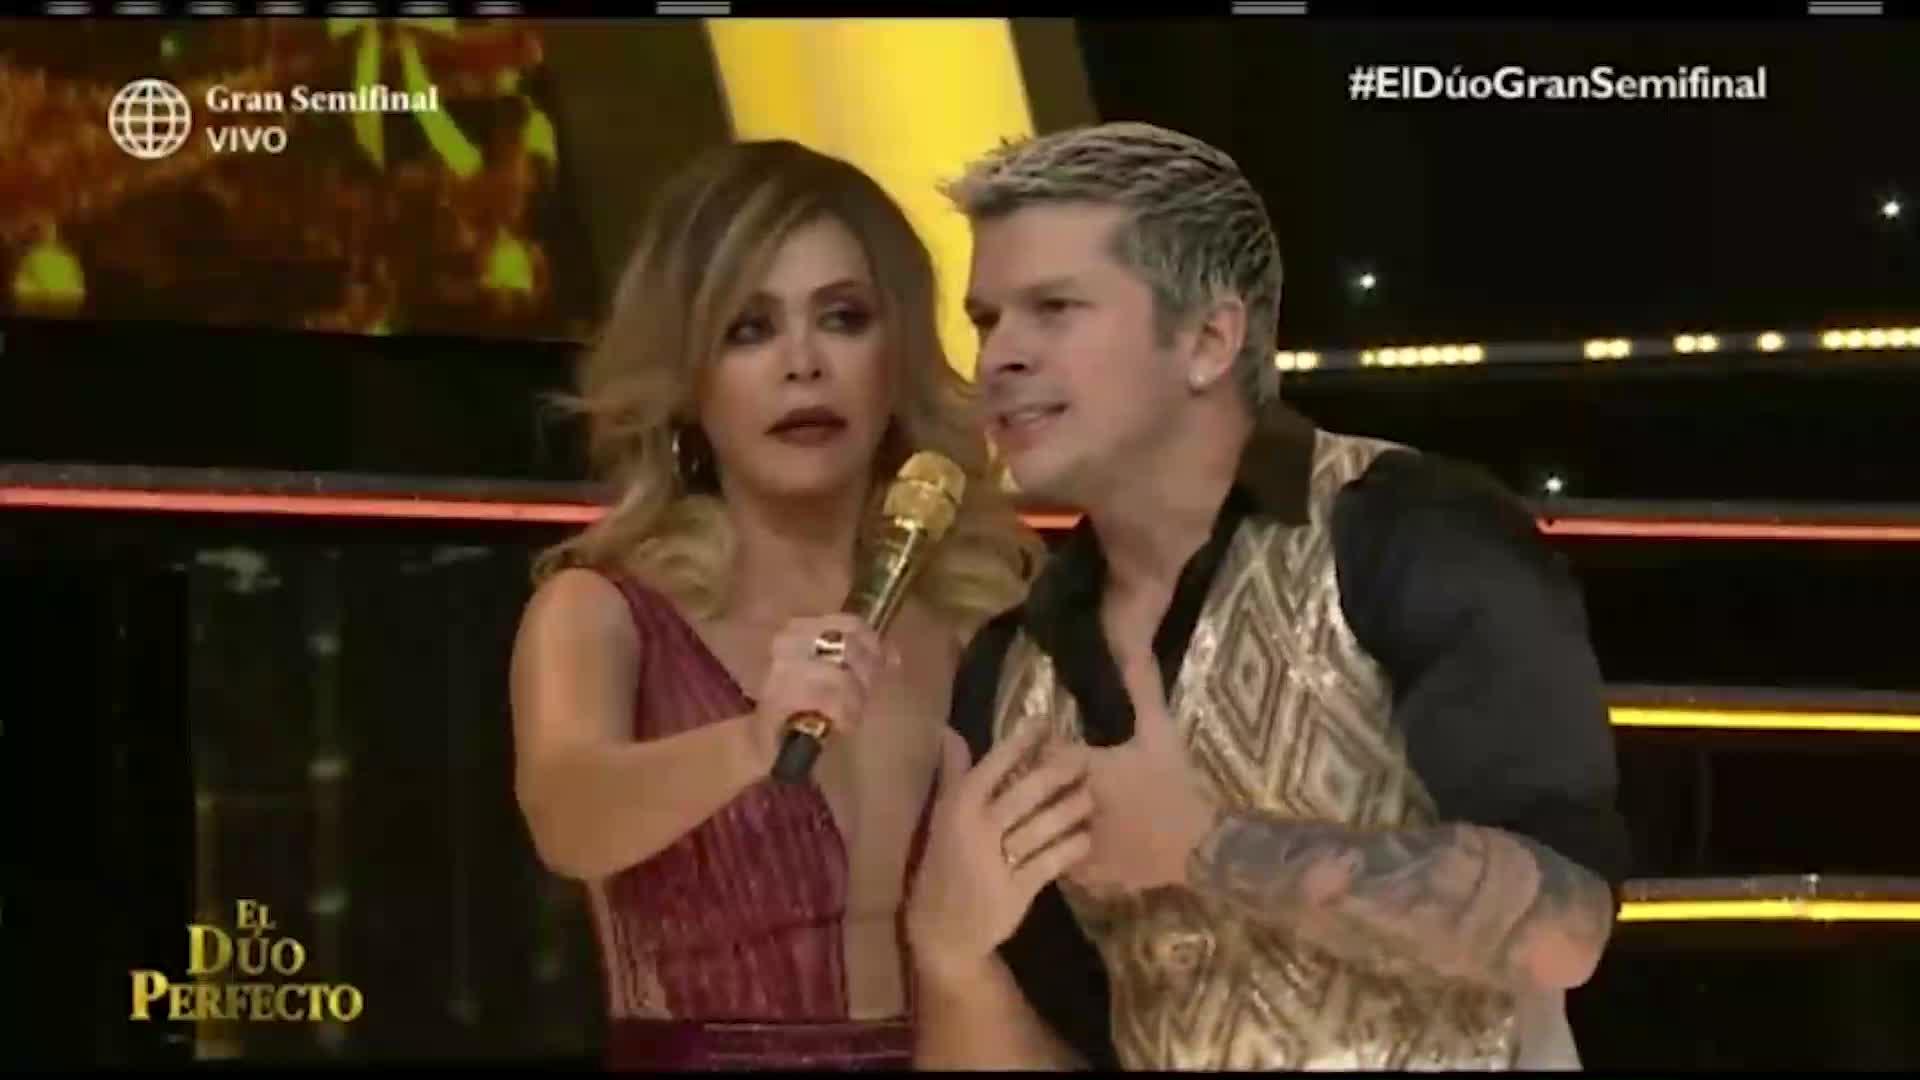 'El dúo perfecto': Mario Hart le reclamó a Carlos Cacho por el bajo puntaje y tuvieron acalorada discusión